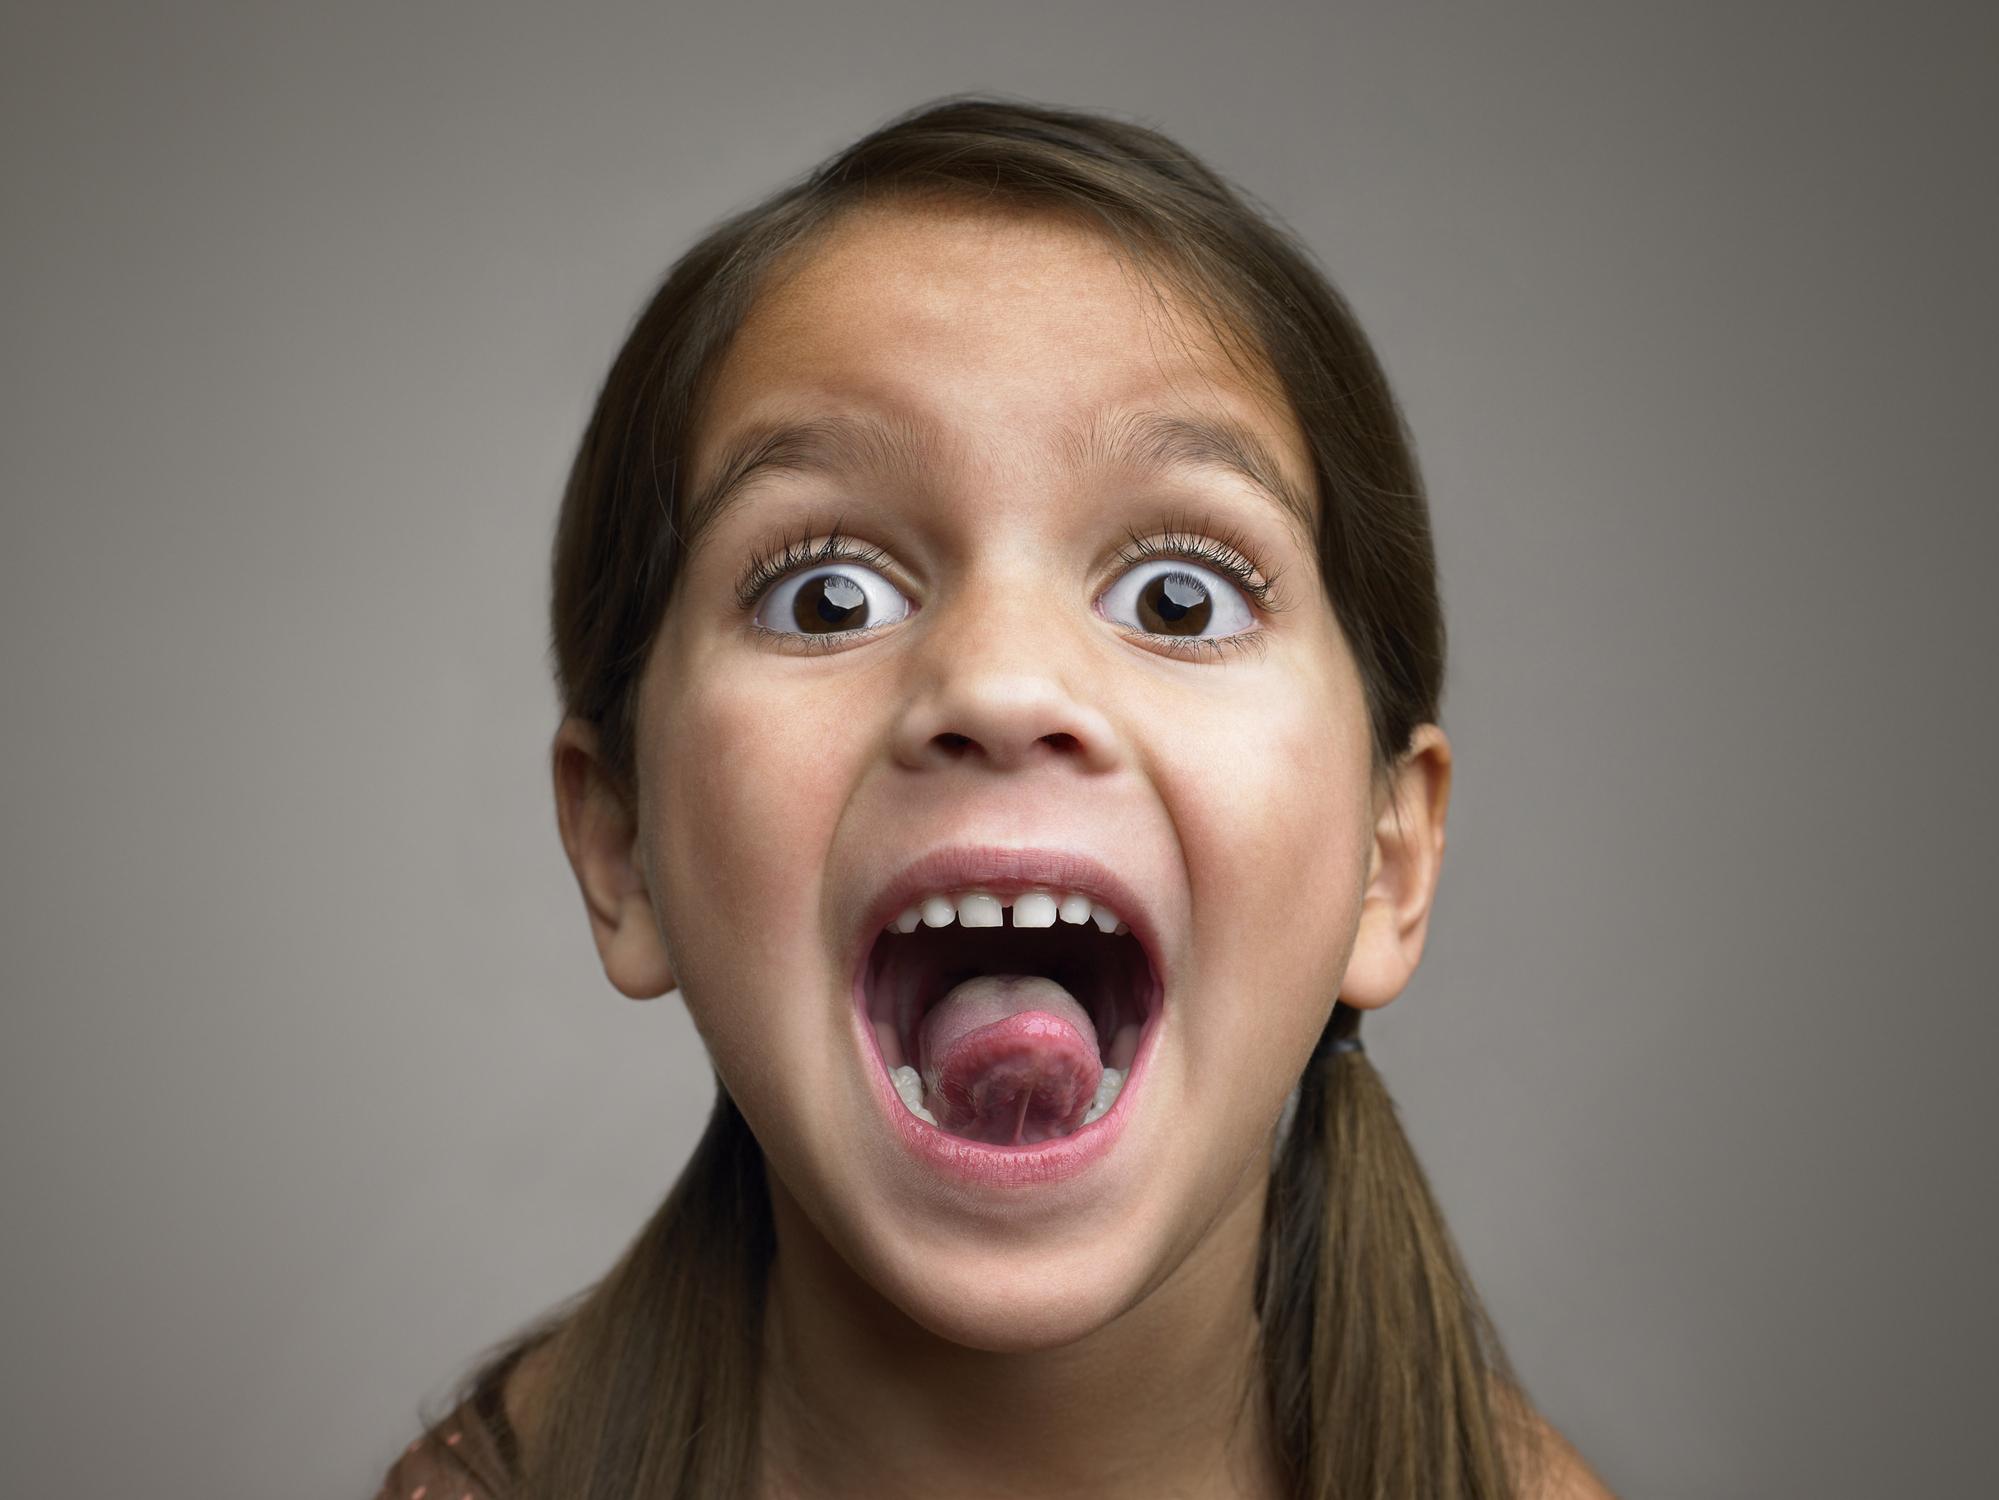 hogyan lehet elrabolni egy gyermeket délután mit jelent a papillomatosis